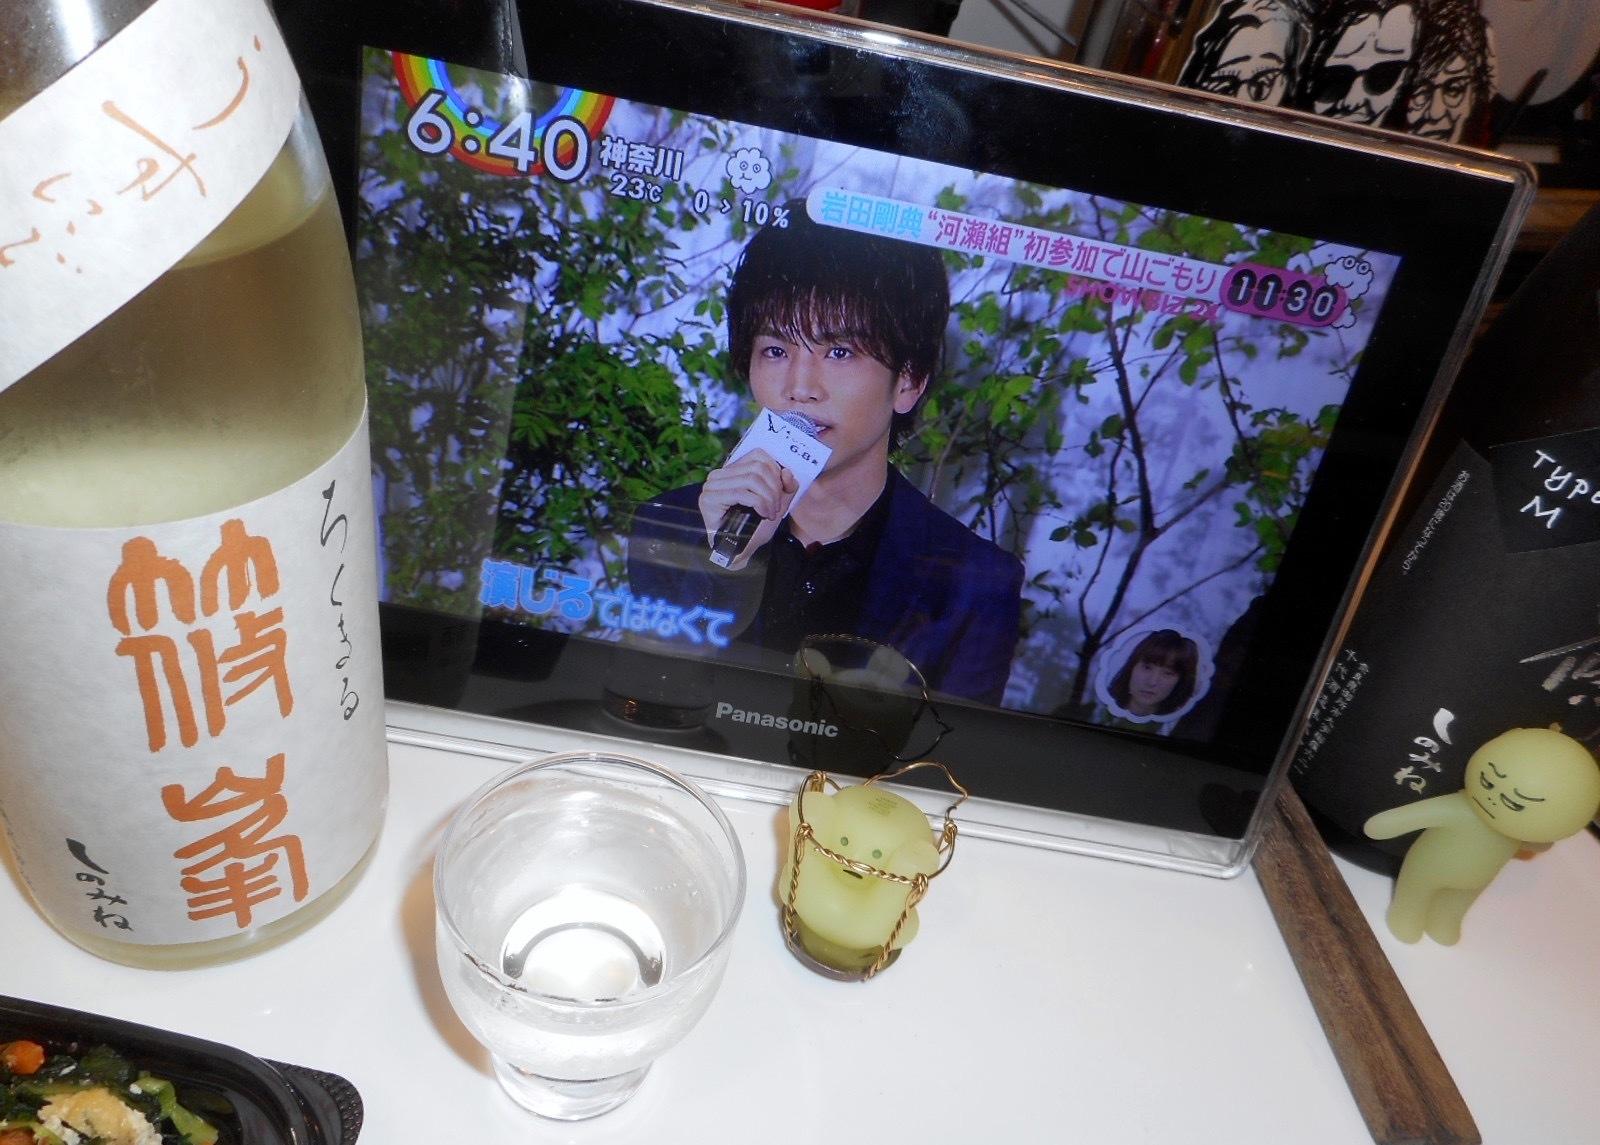 rokumaru_hattan_nigori29by5.jpg